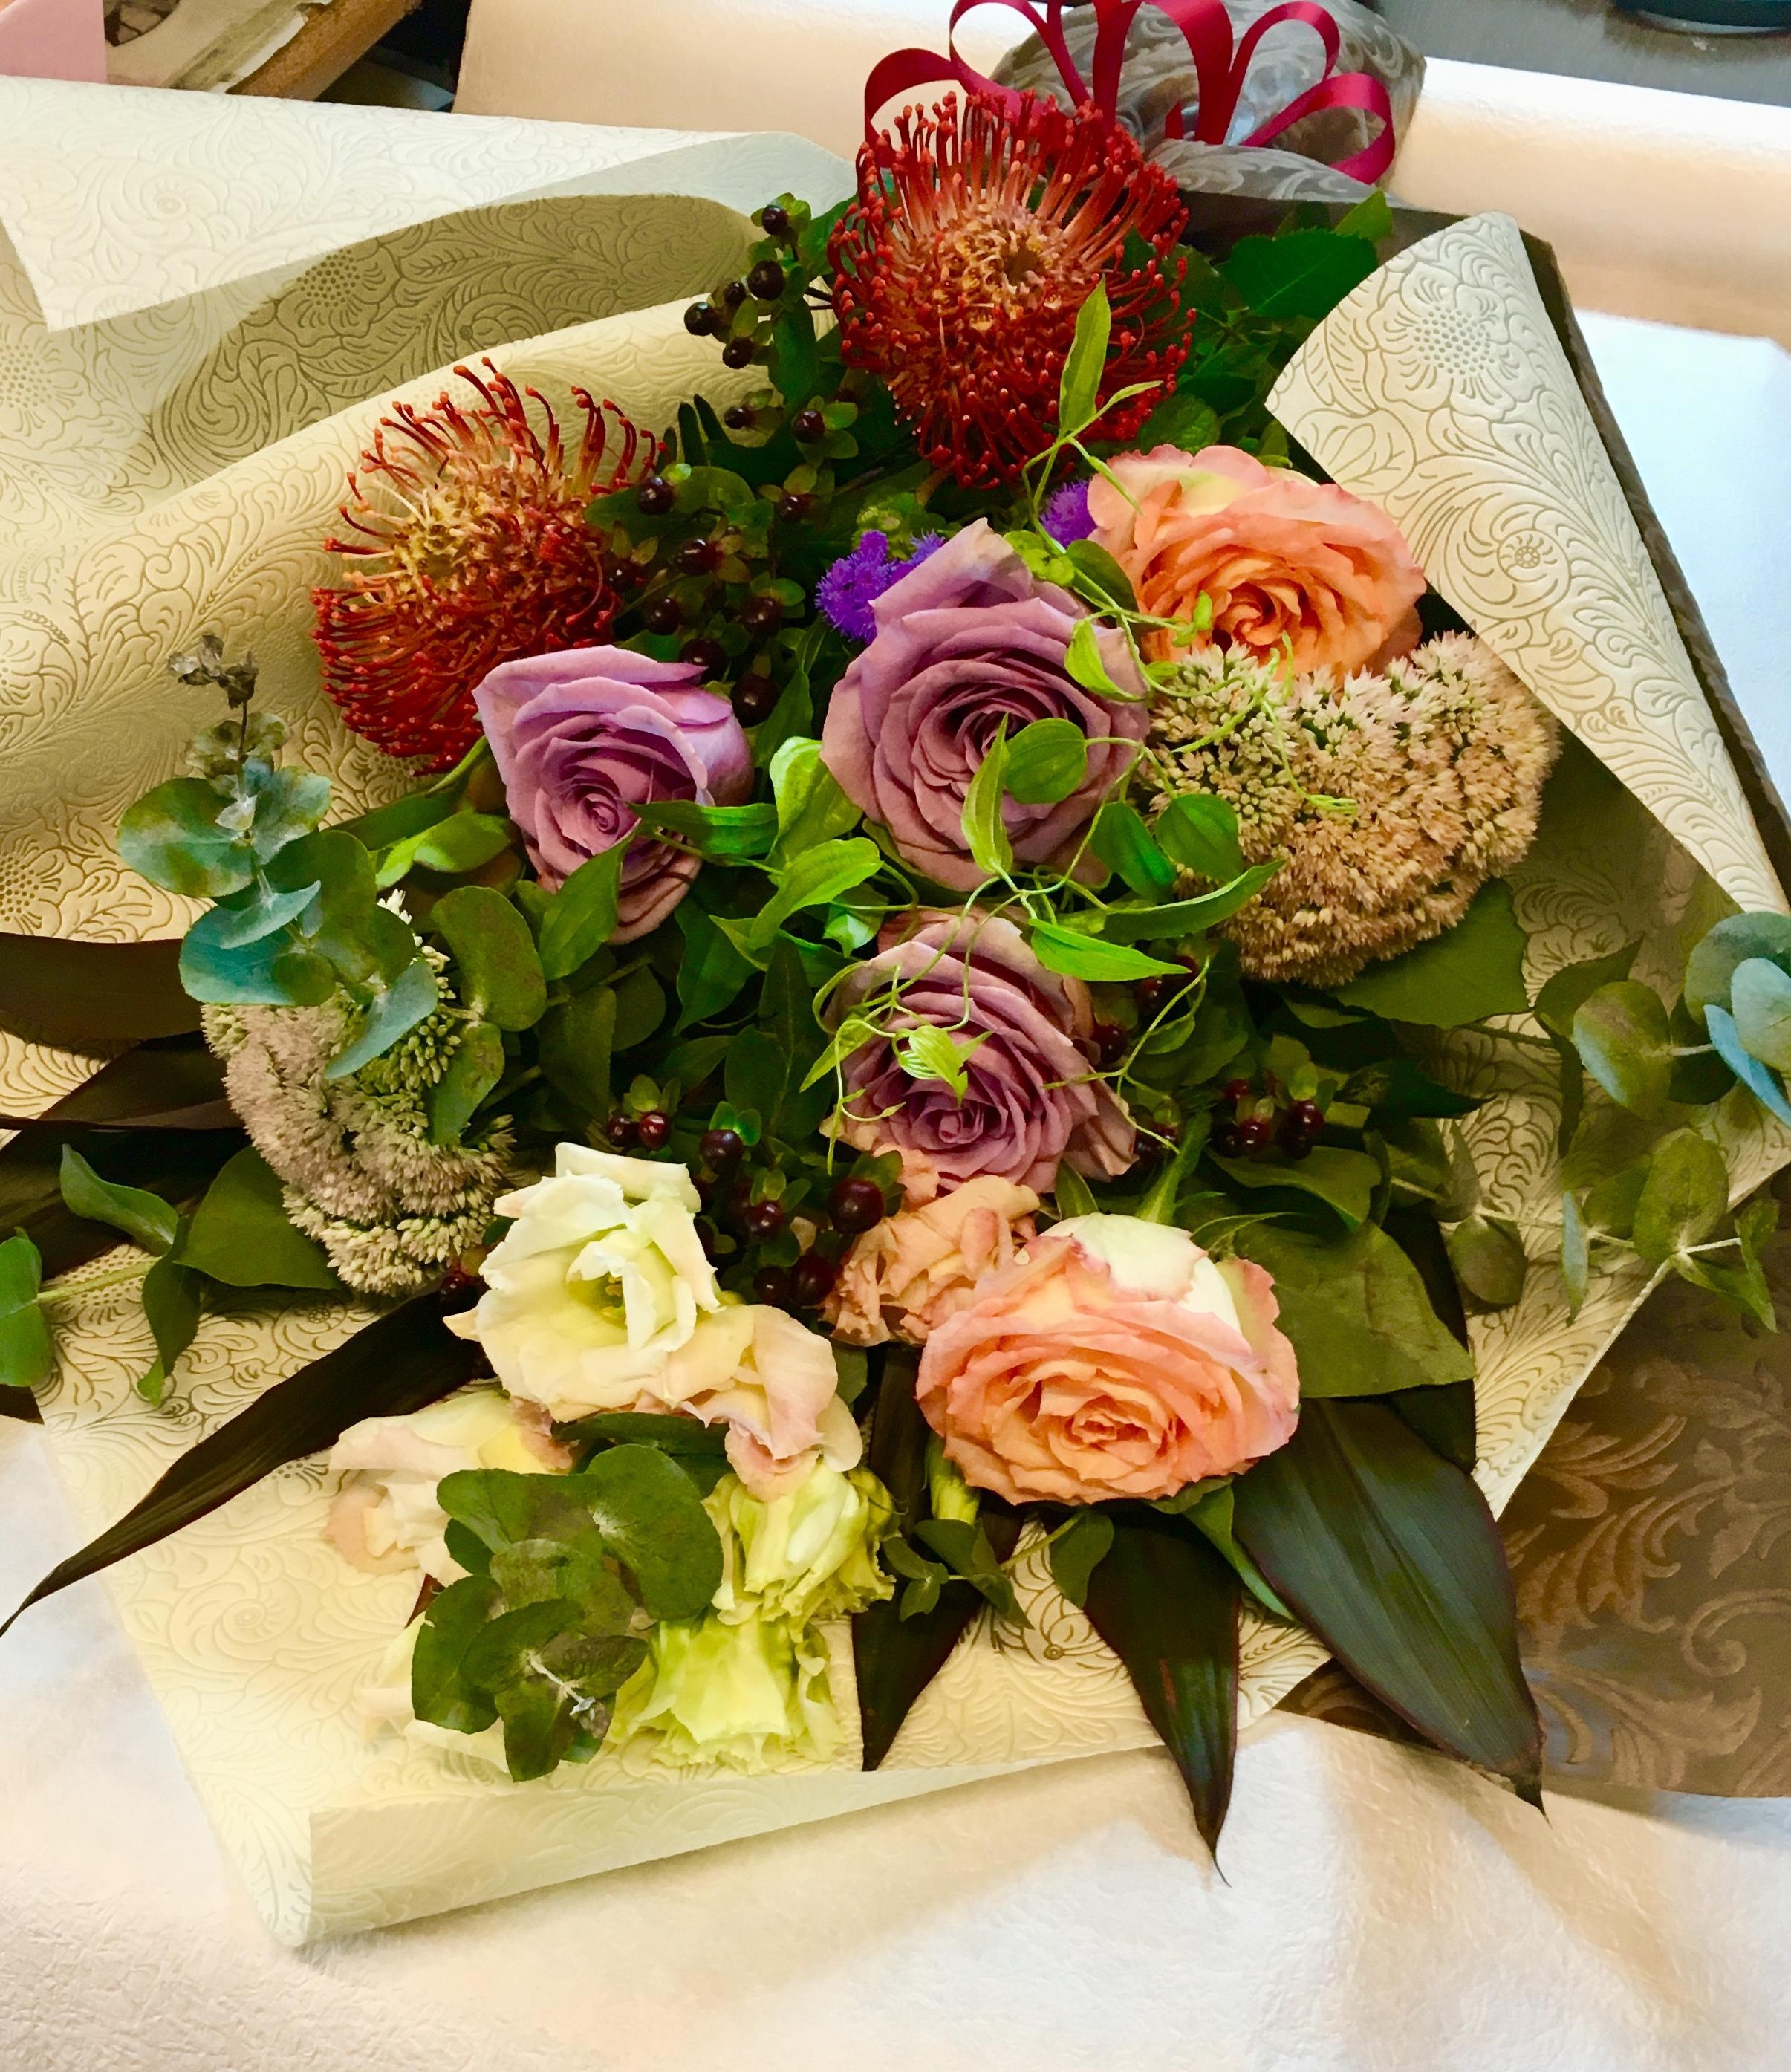 【ナオ花屋の納品事例125】横浜市関内相生町の法人企業様へ花束を配達しました!